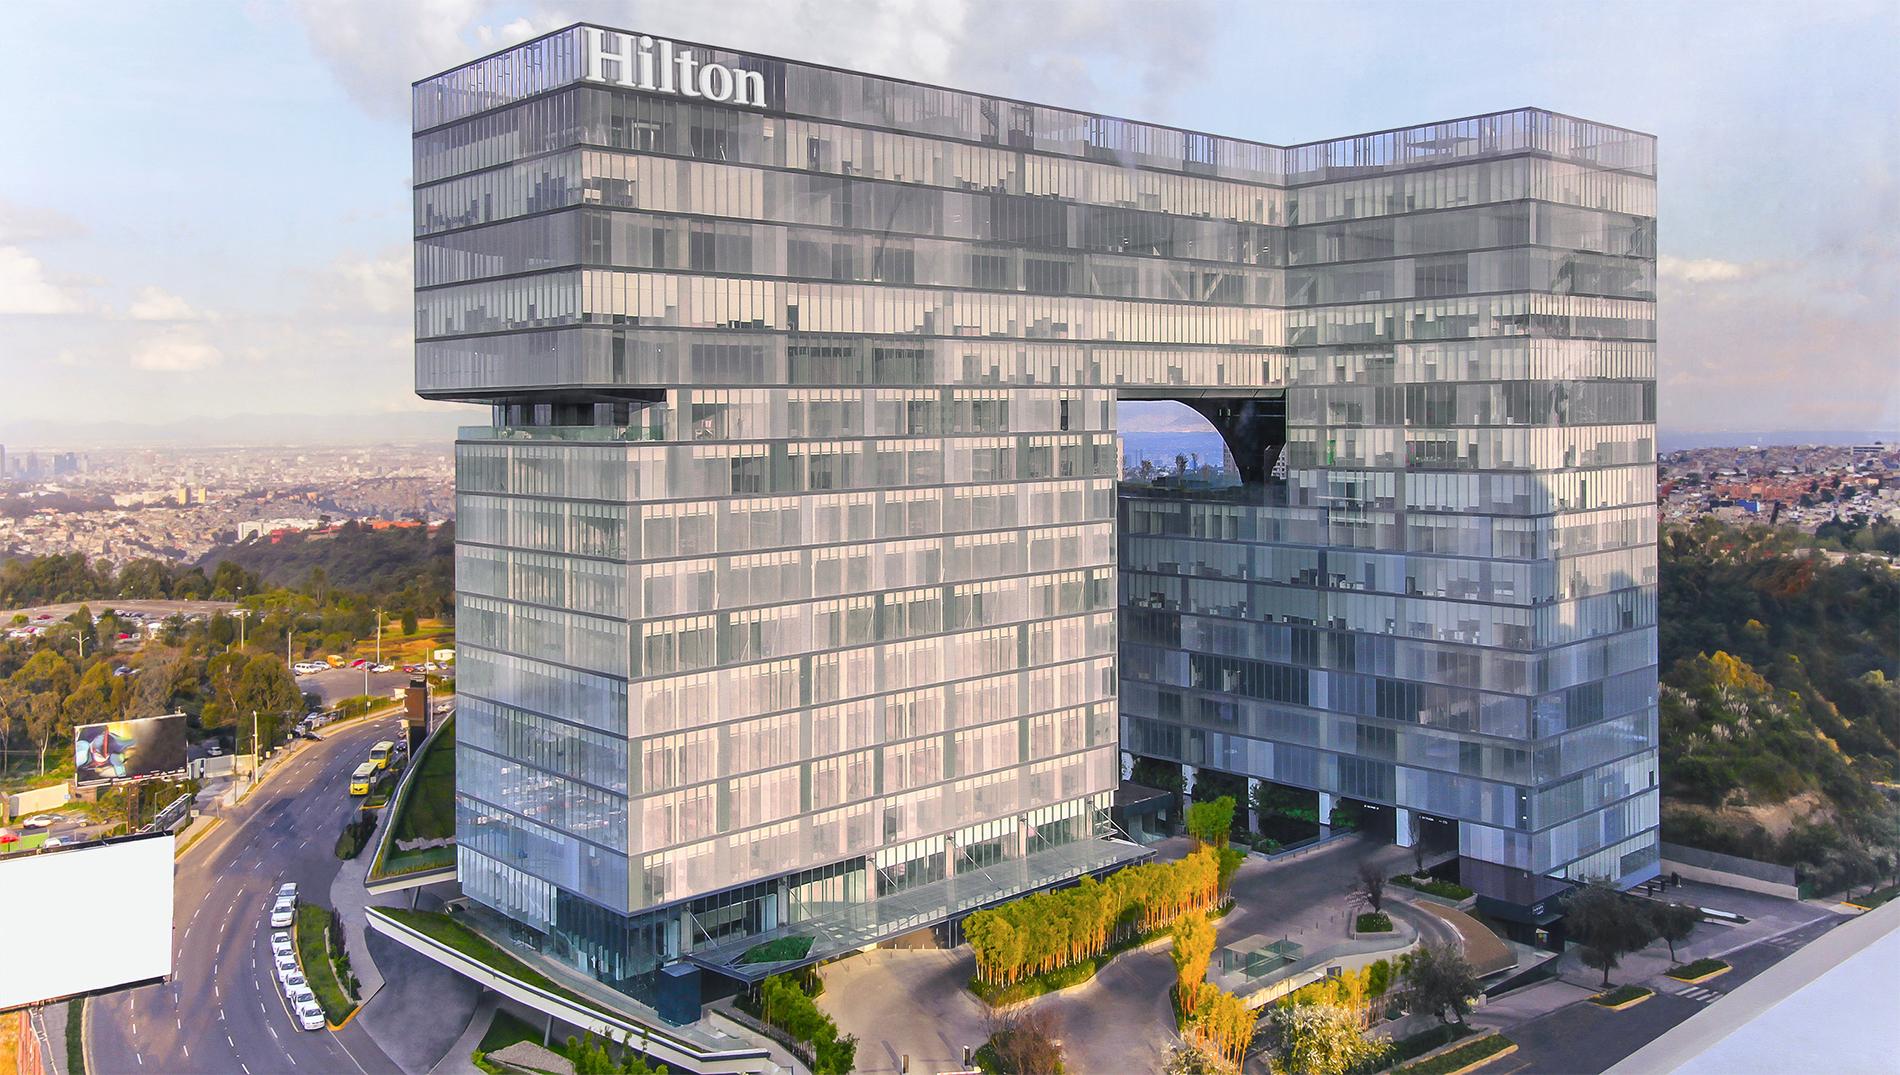 Hilton Hotel Santa Fe Mexico City